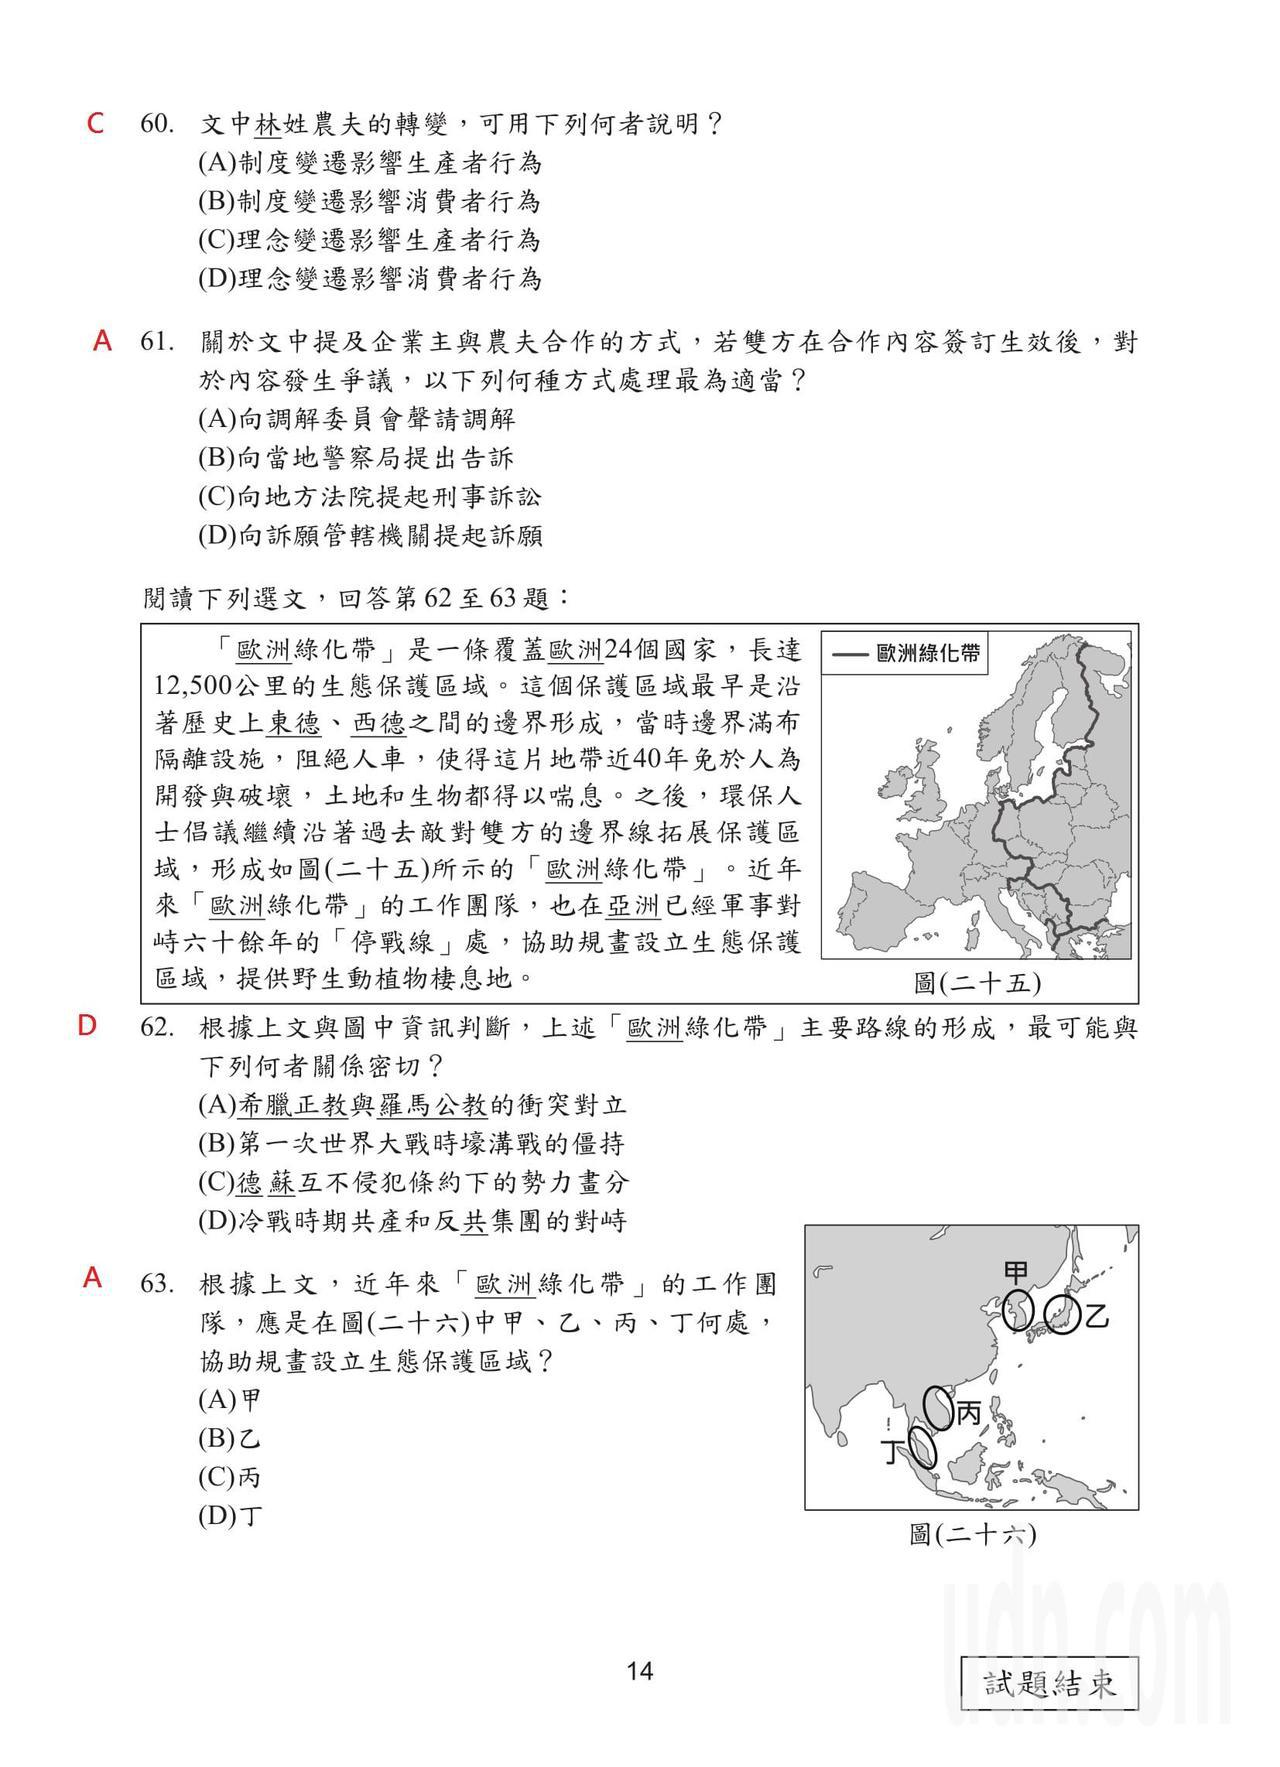 108國中會考社會科試題解答,第14頁。